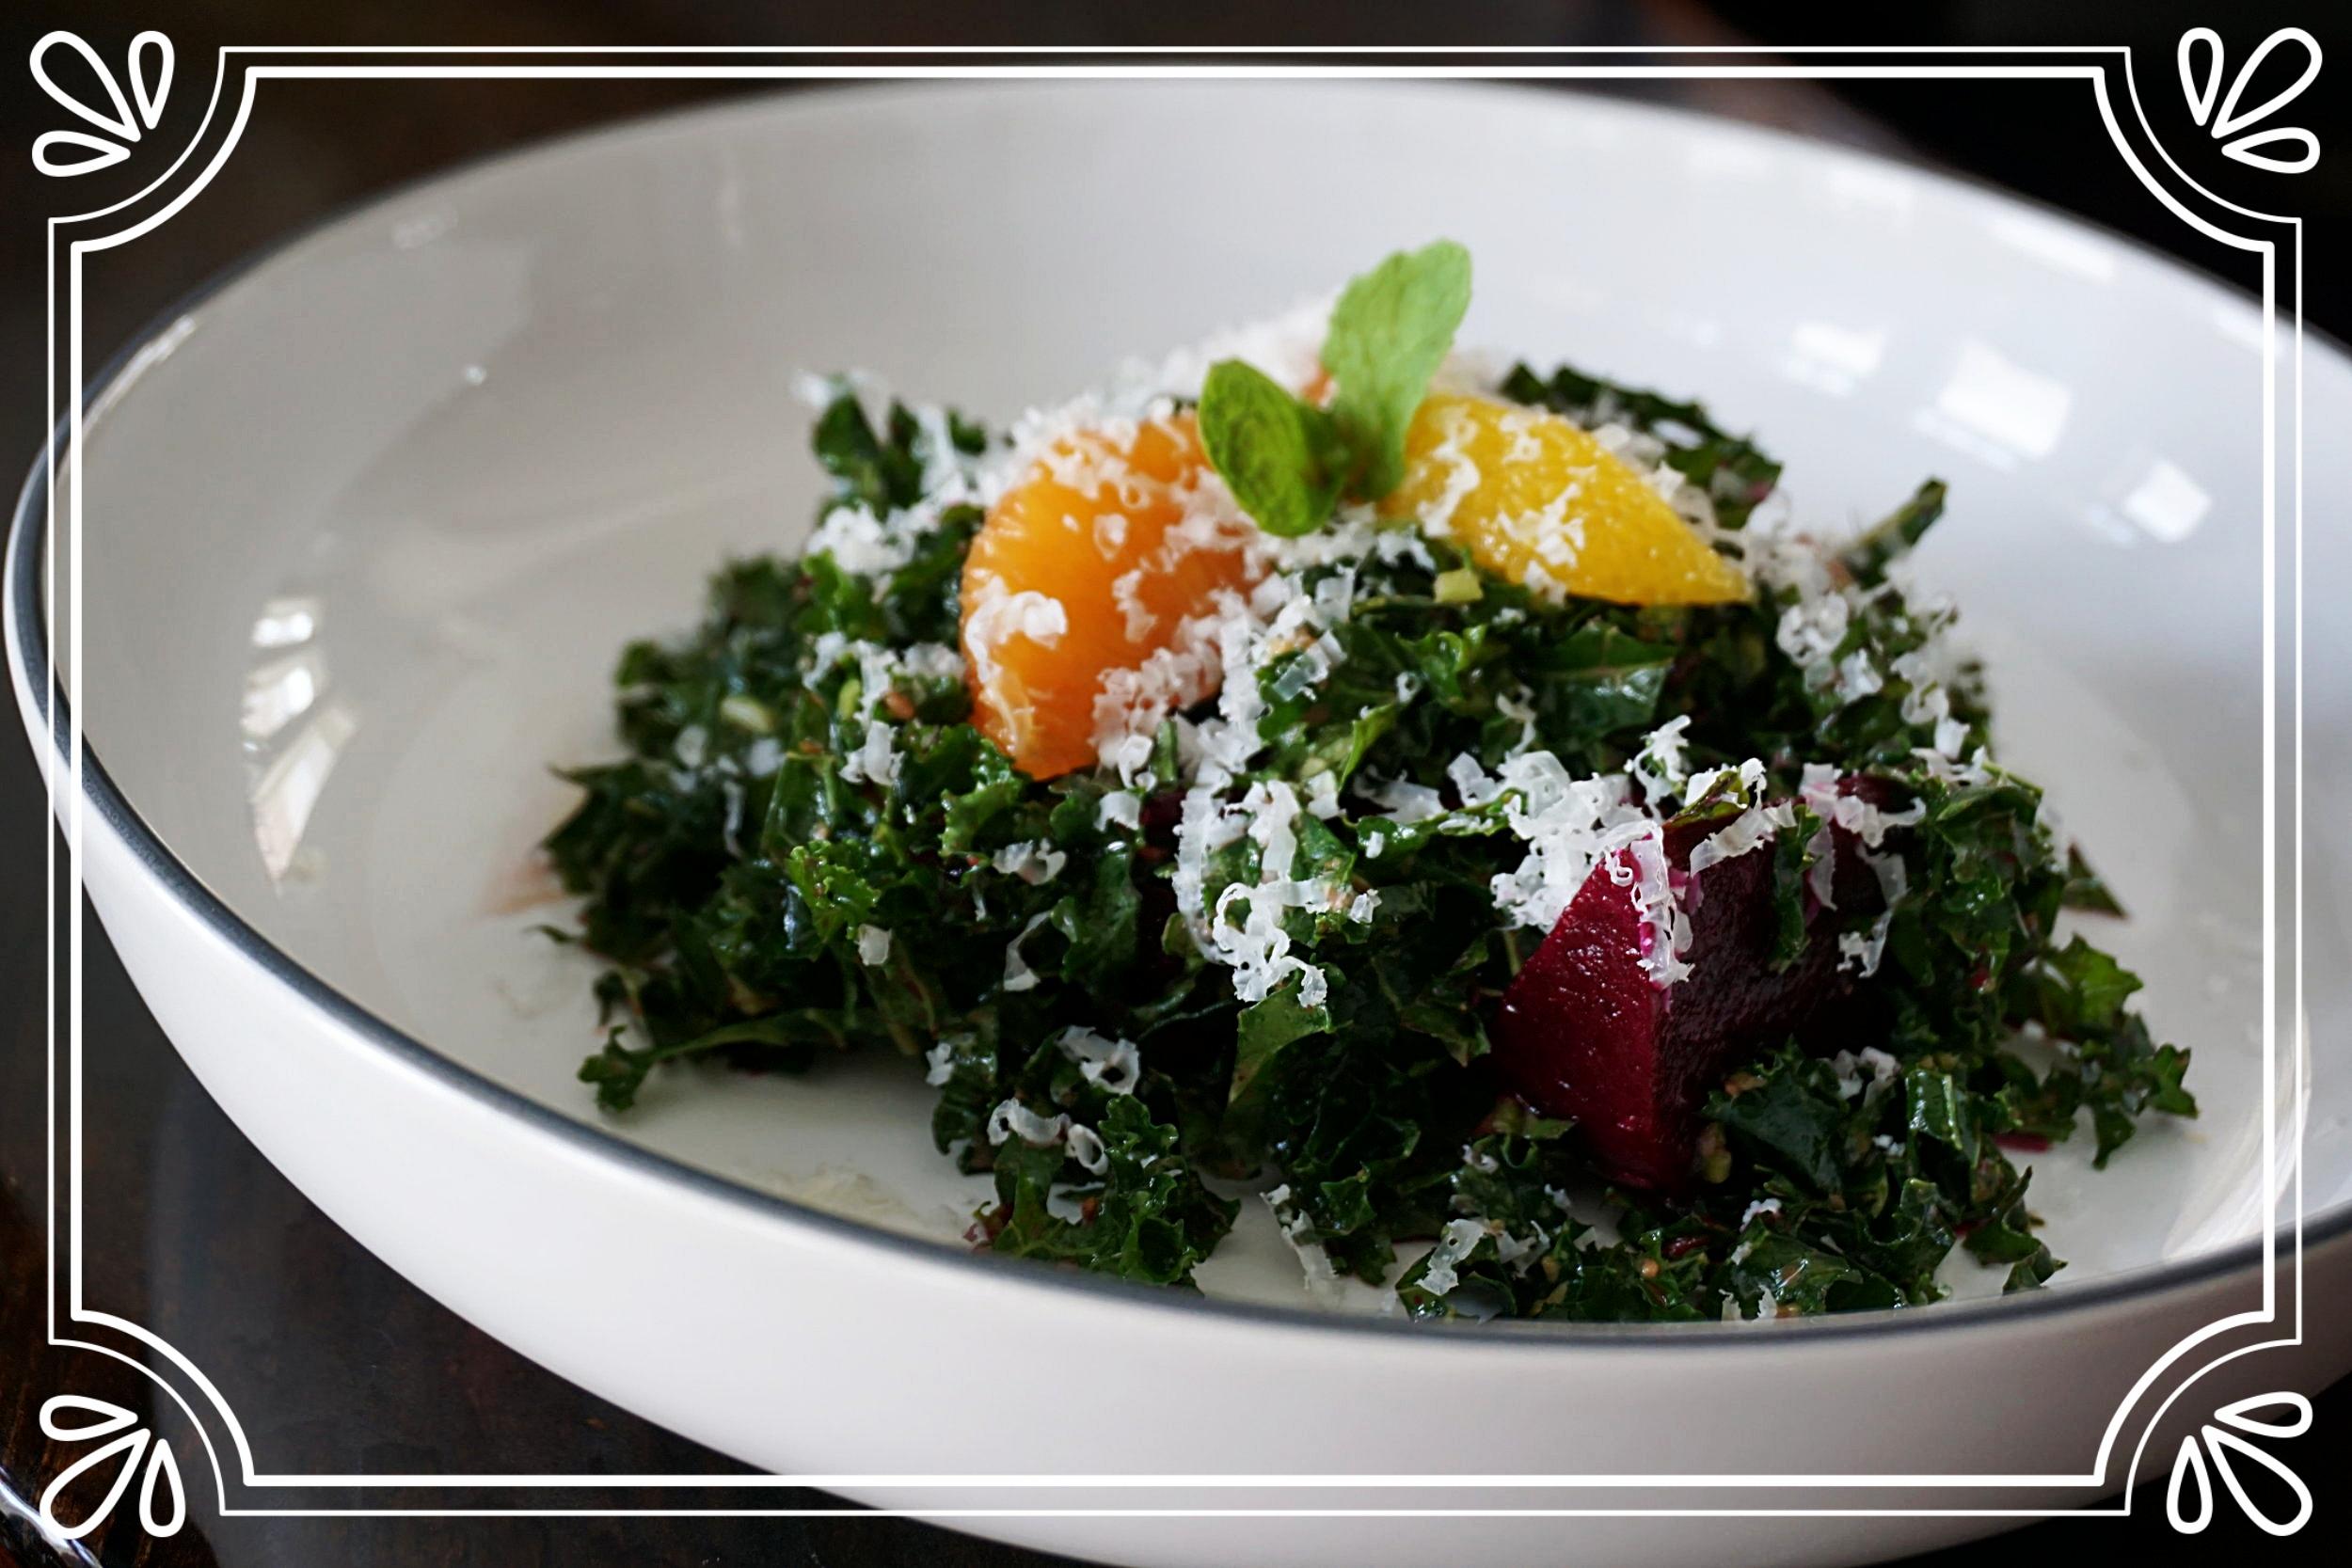 Kale & Mint Salad